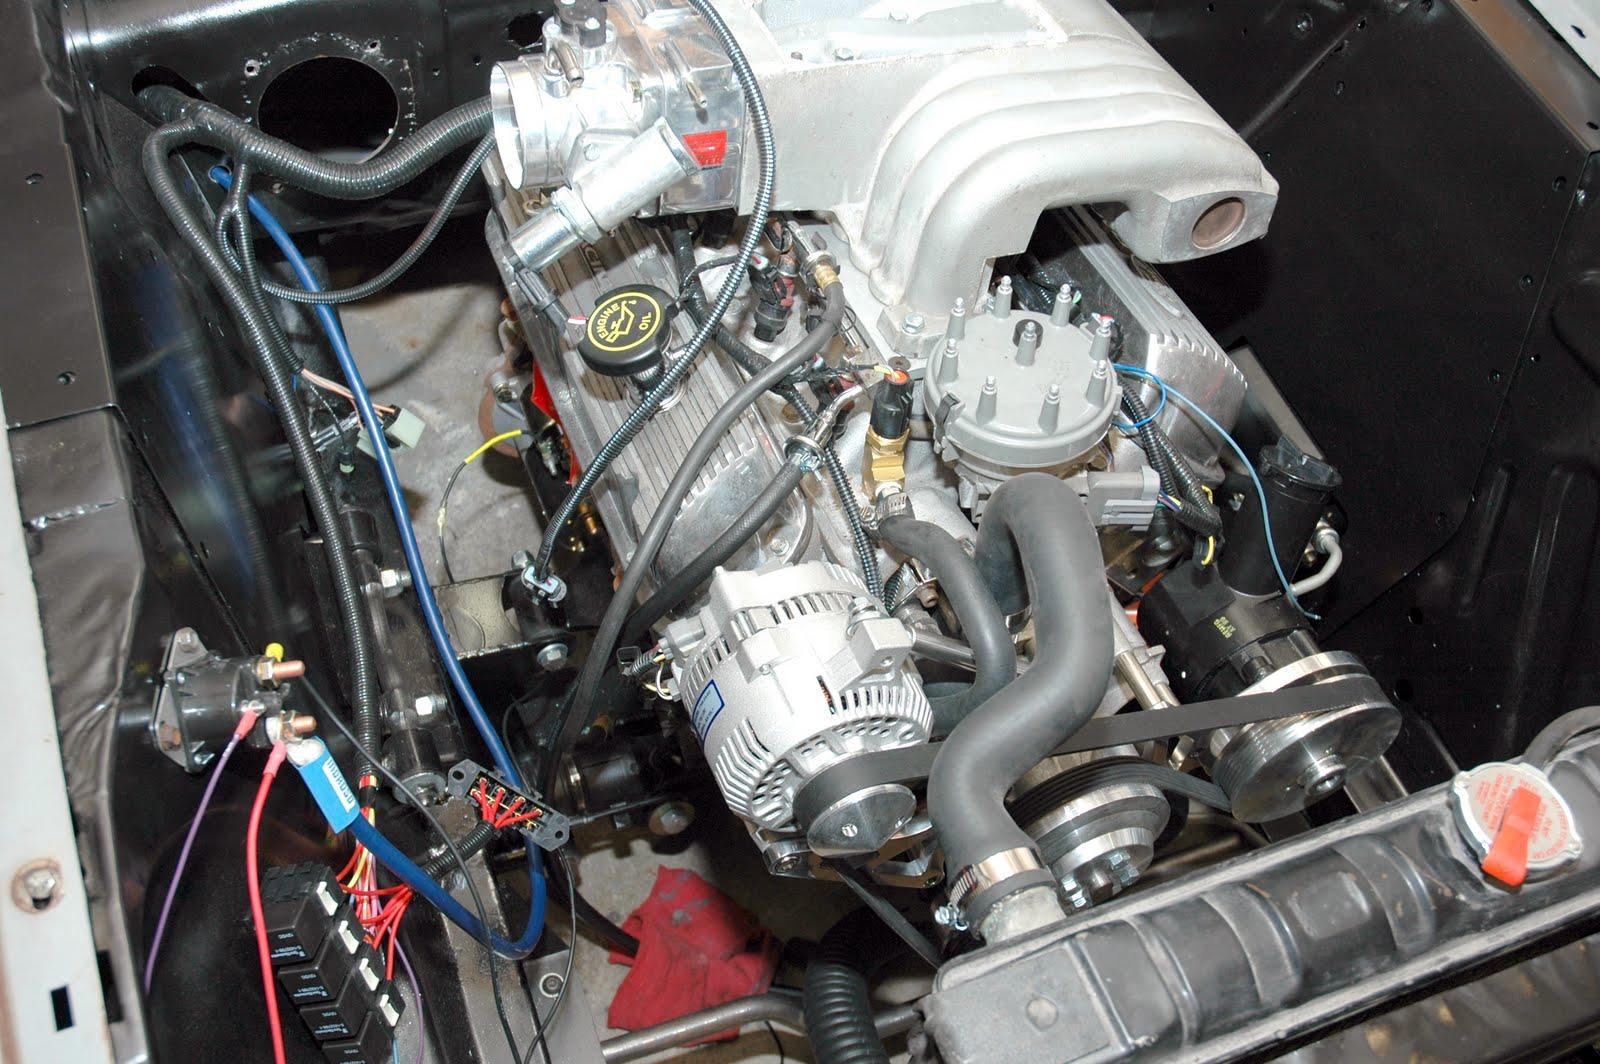 hight resolution of 65 mustang fuel filter location wiring library65 mustang fuel filter location